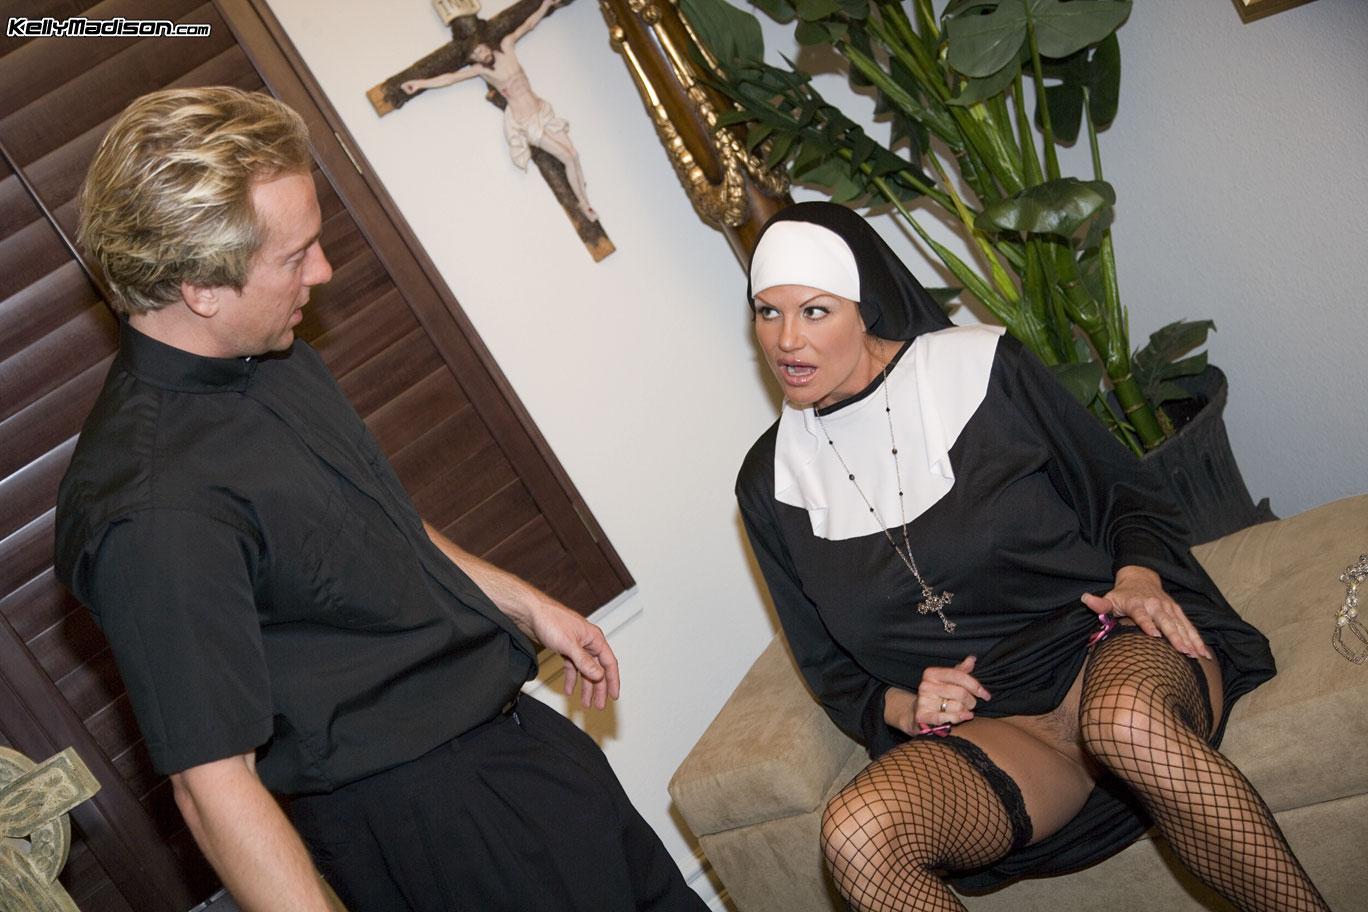 Секс развлечения в монастырях, Монашки:видео. Бесплатное порно HQ Hole 3 фотография